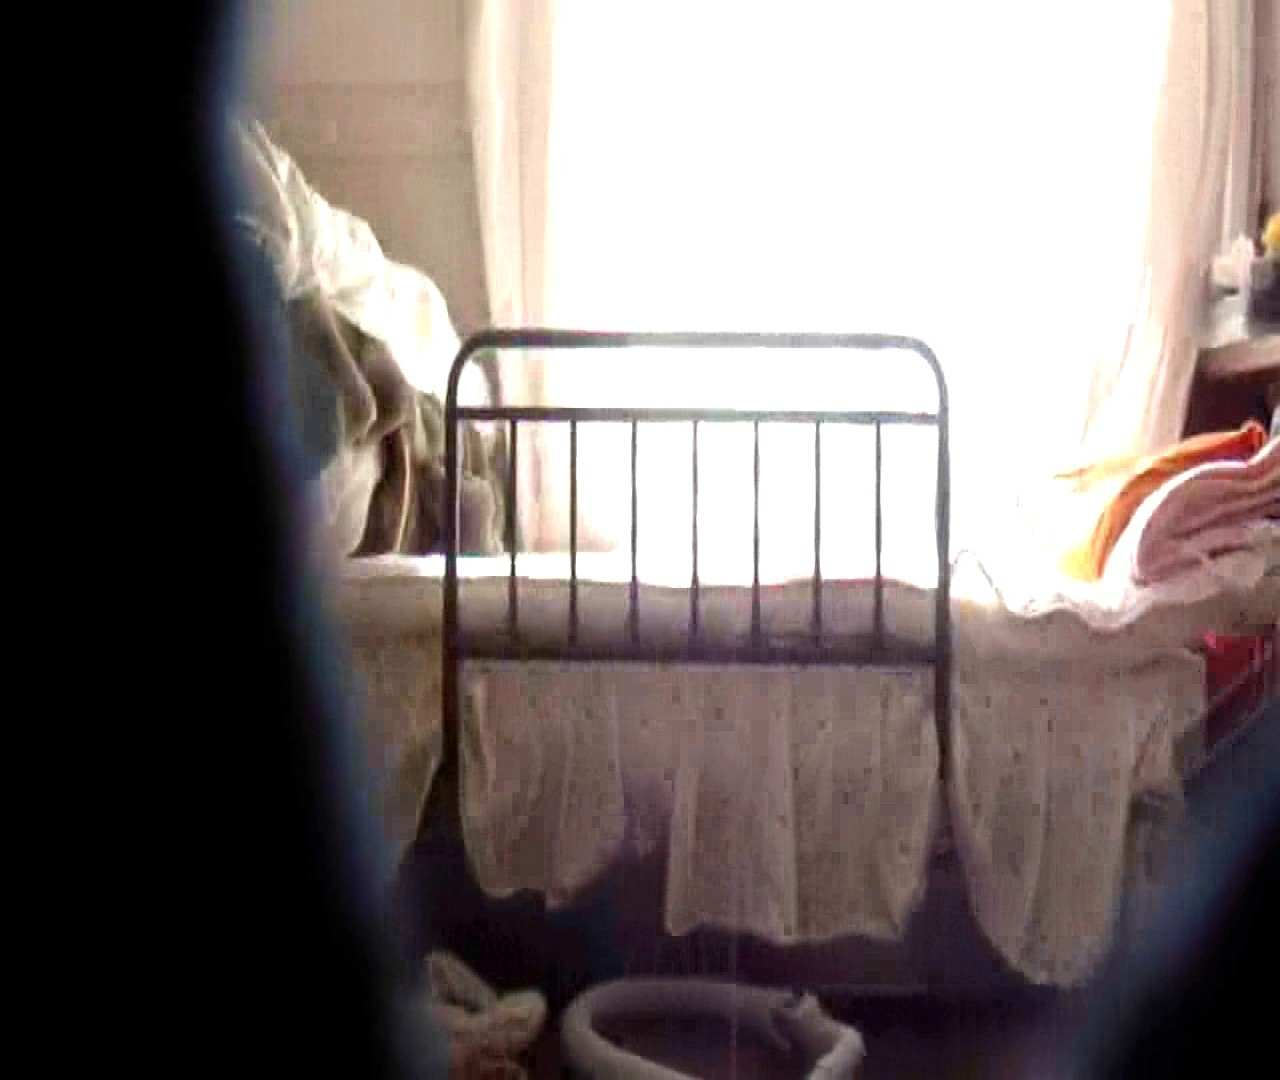 vol.3 まどかがパンツを見せながら部屋掃除、洗面所も少しどうぞ。 エッチすぎるOL達 SEX無修正画像 75連発 50